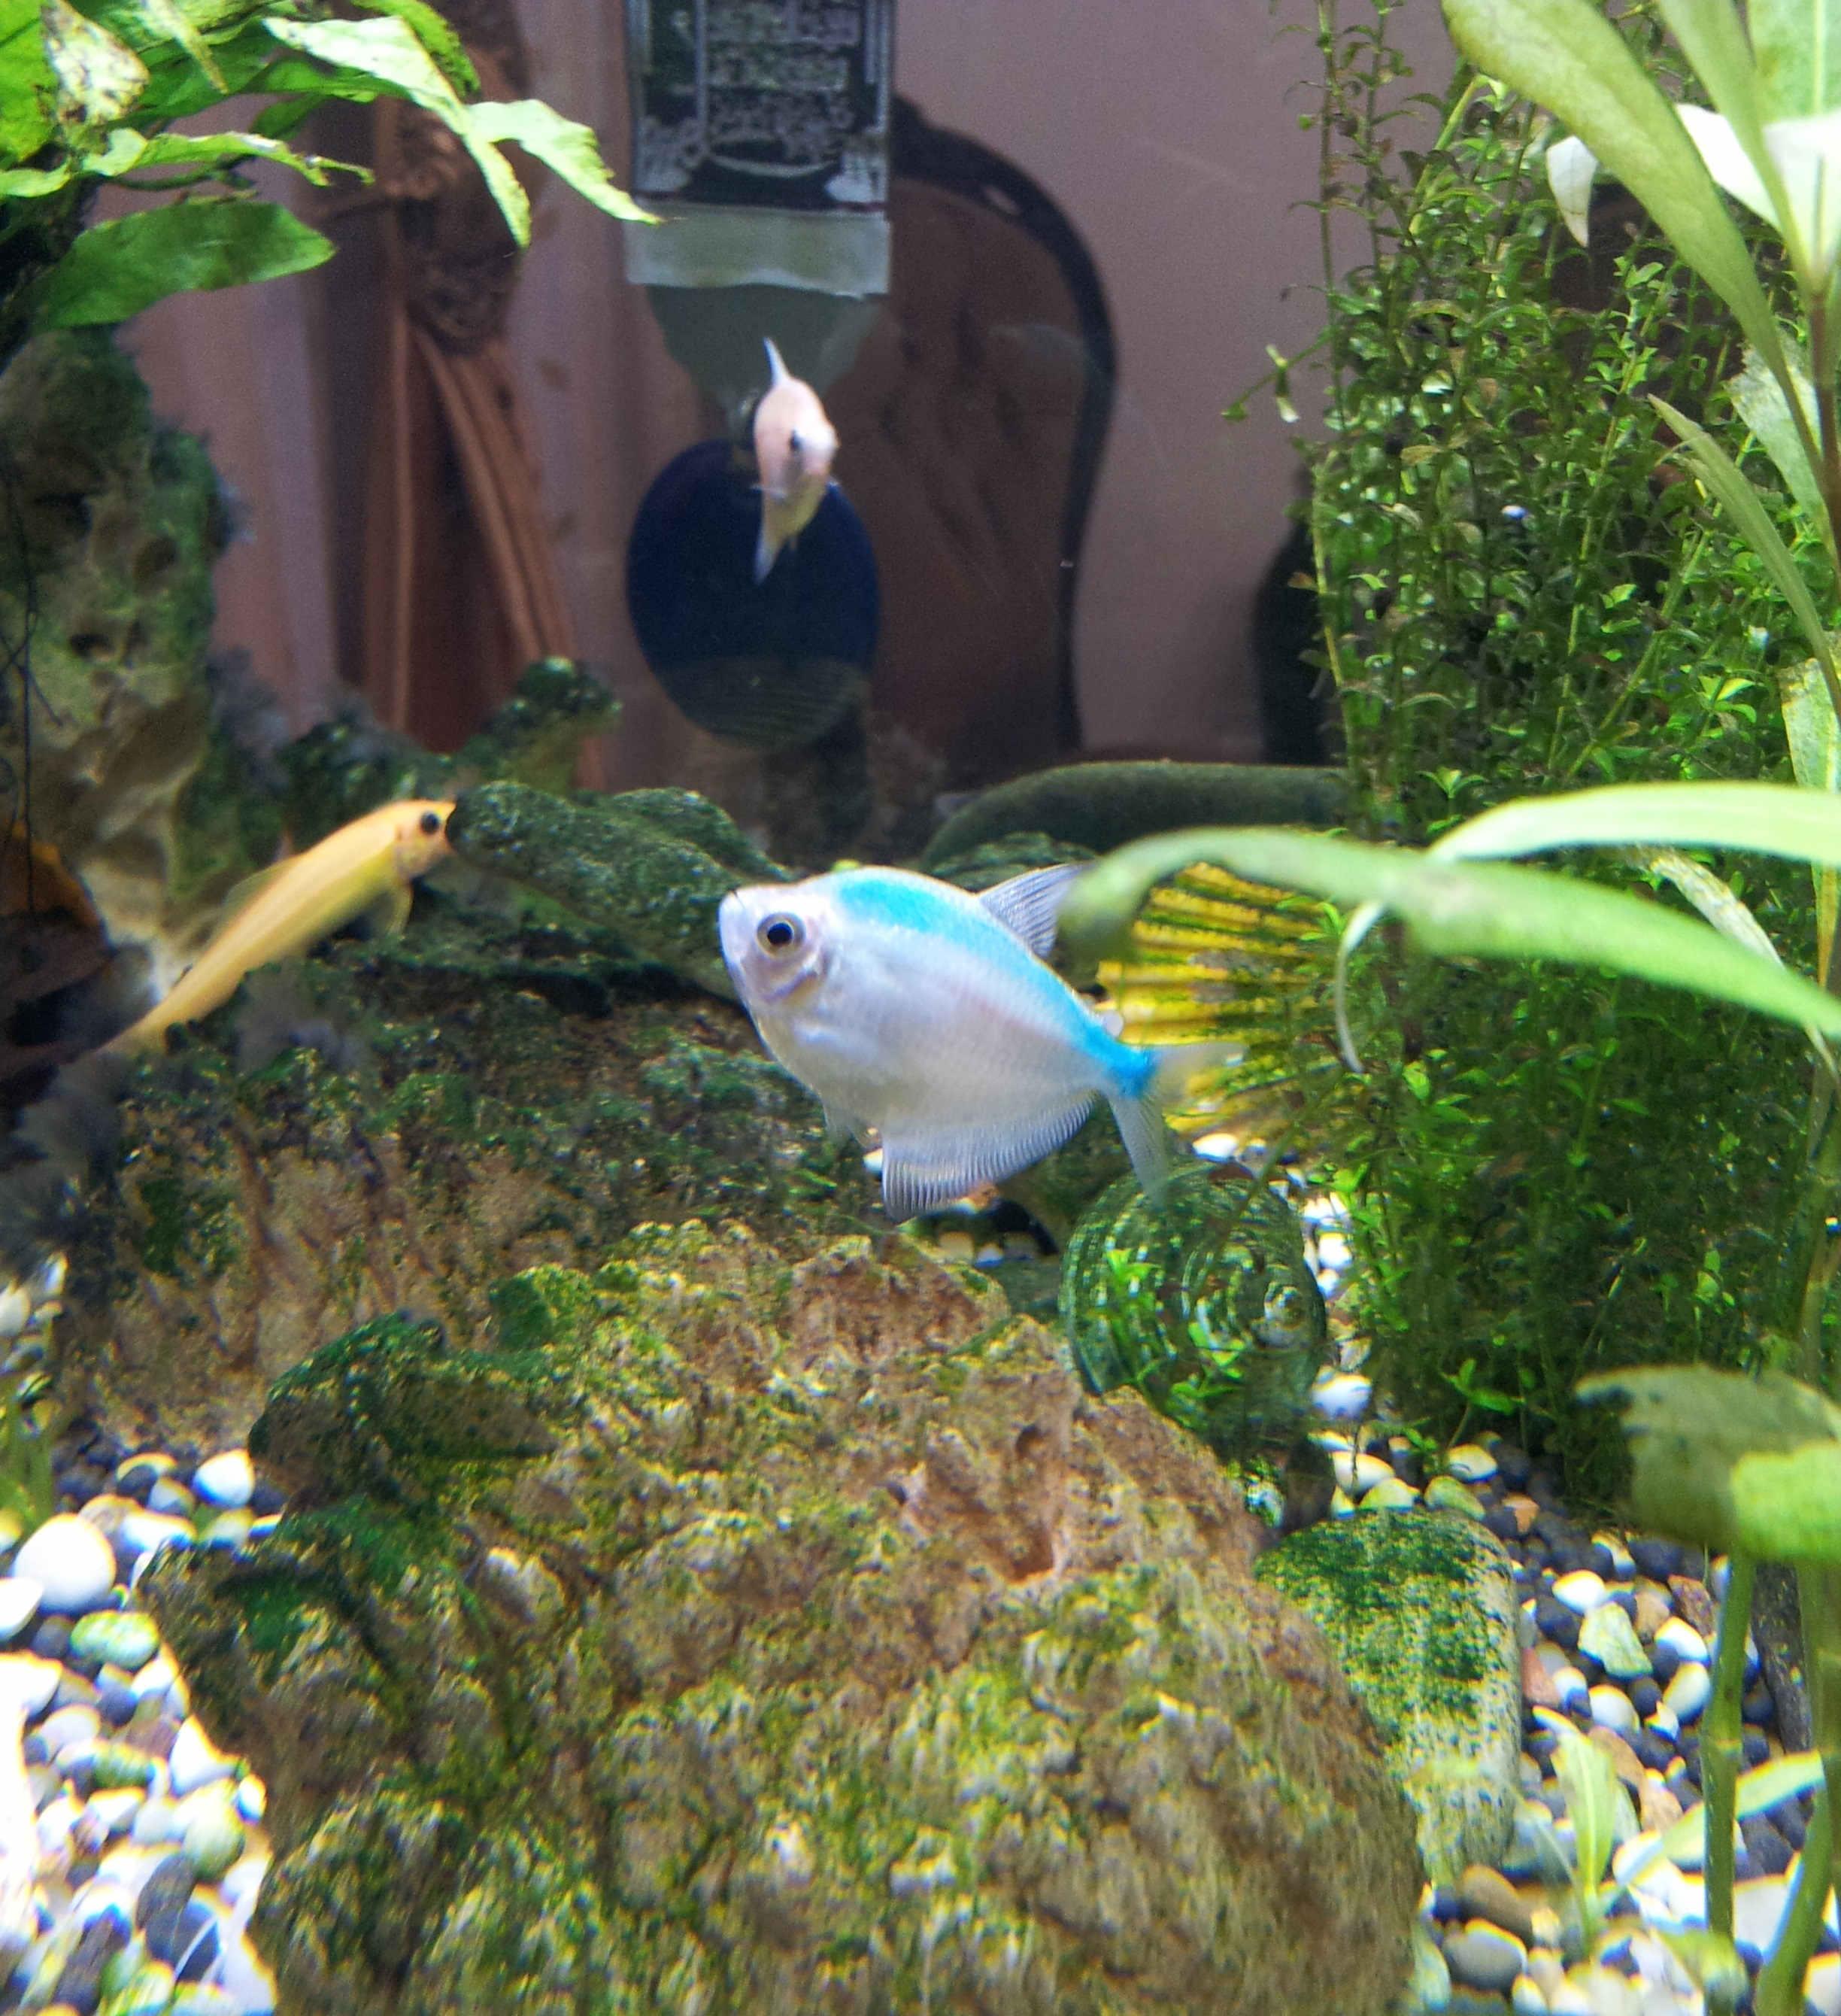 این ماهی رو میگم که اسمشو نمی دونم